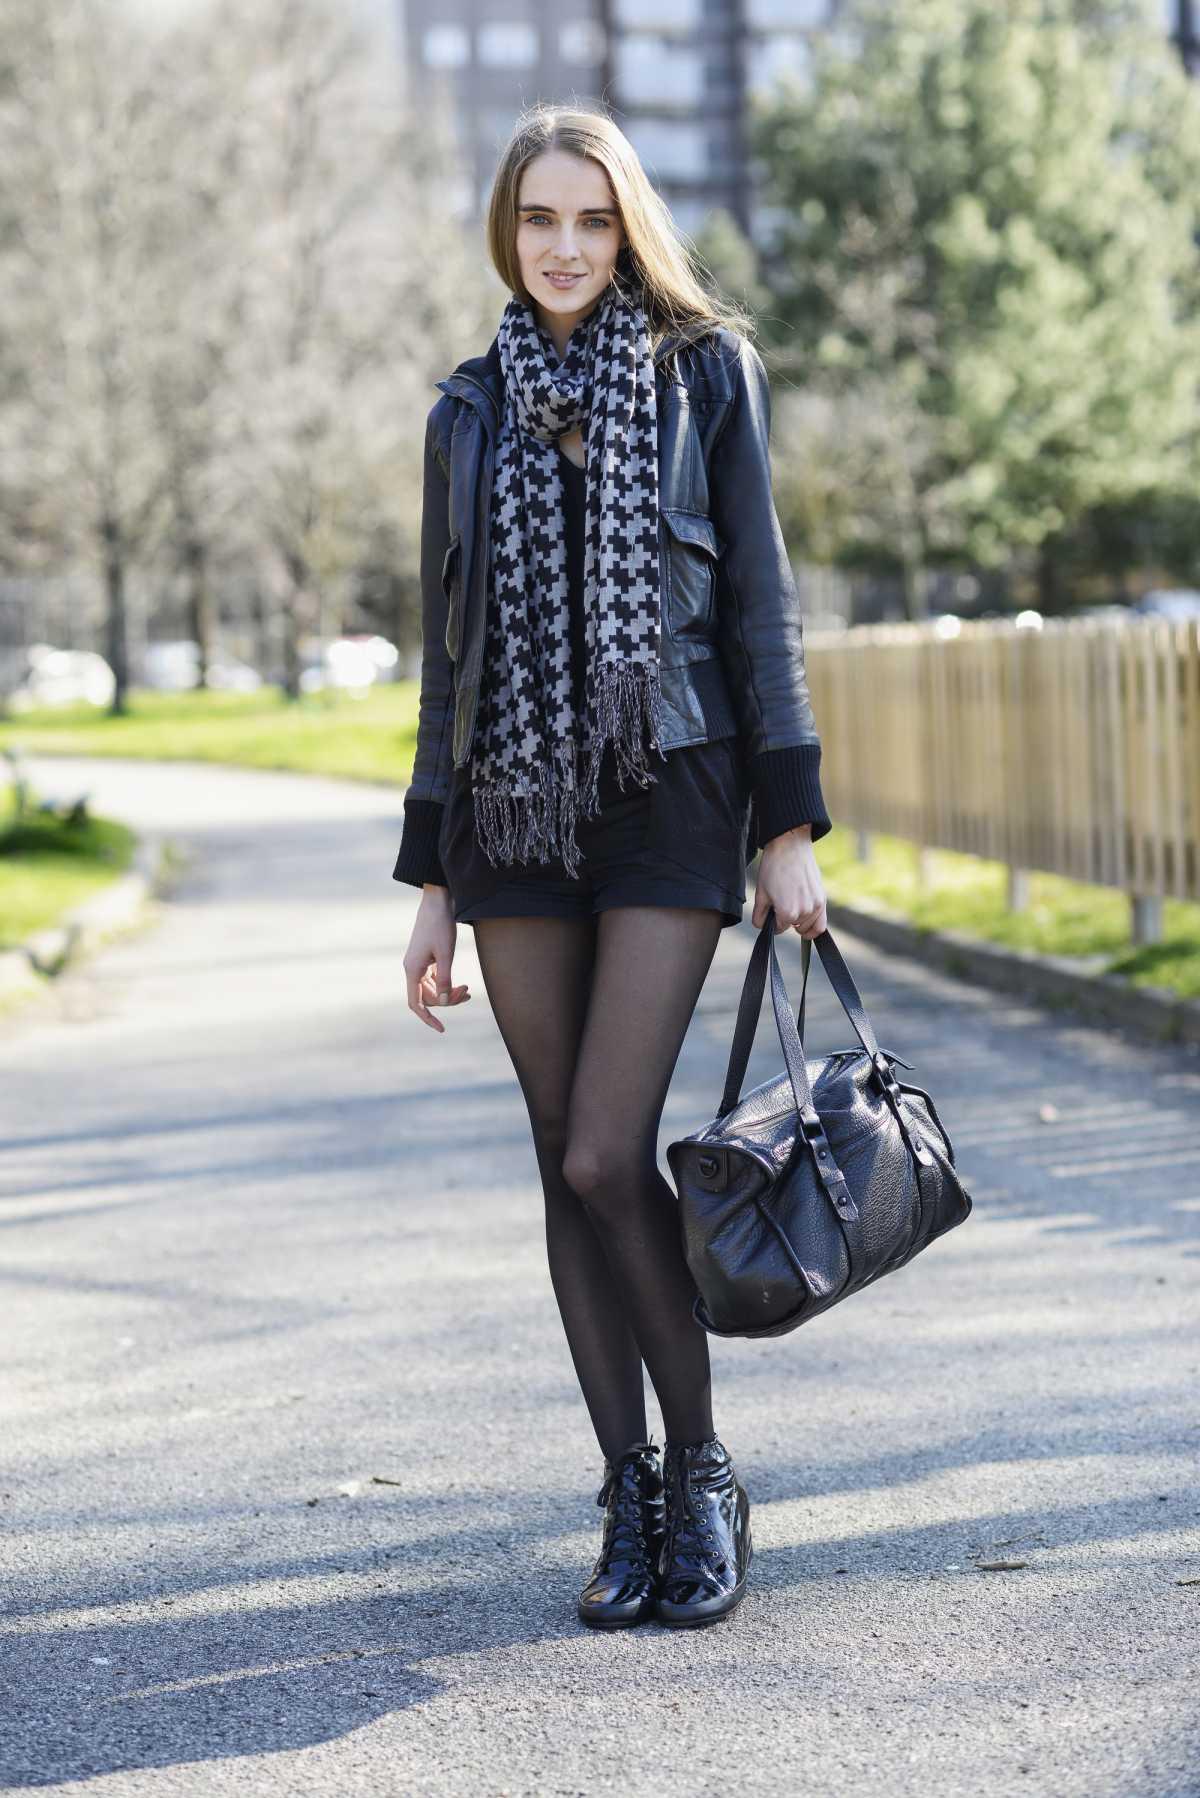 short com meia calça no inverno